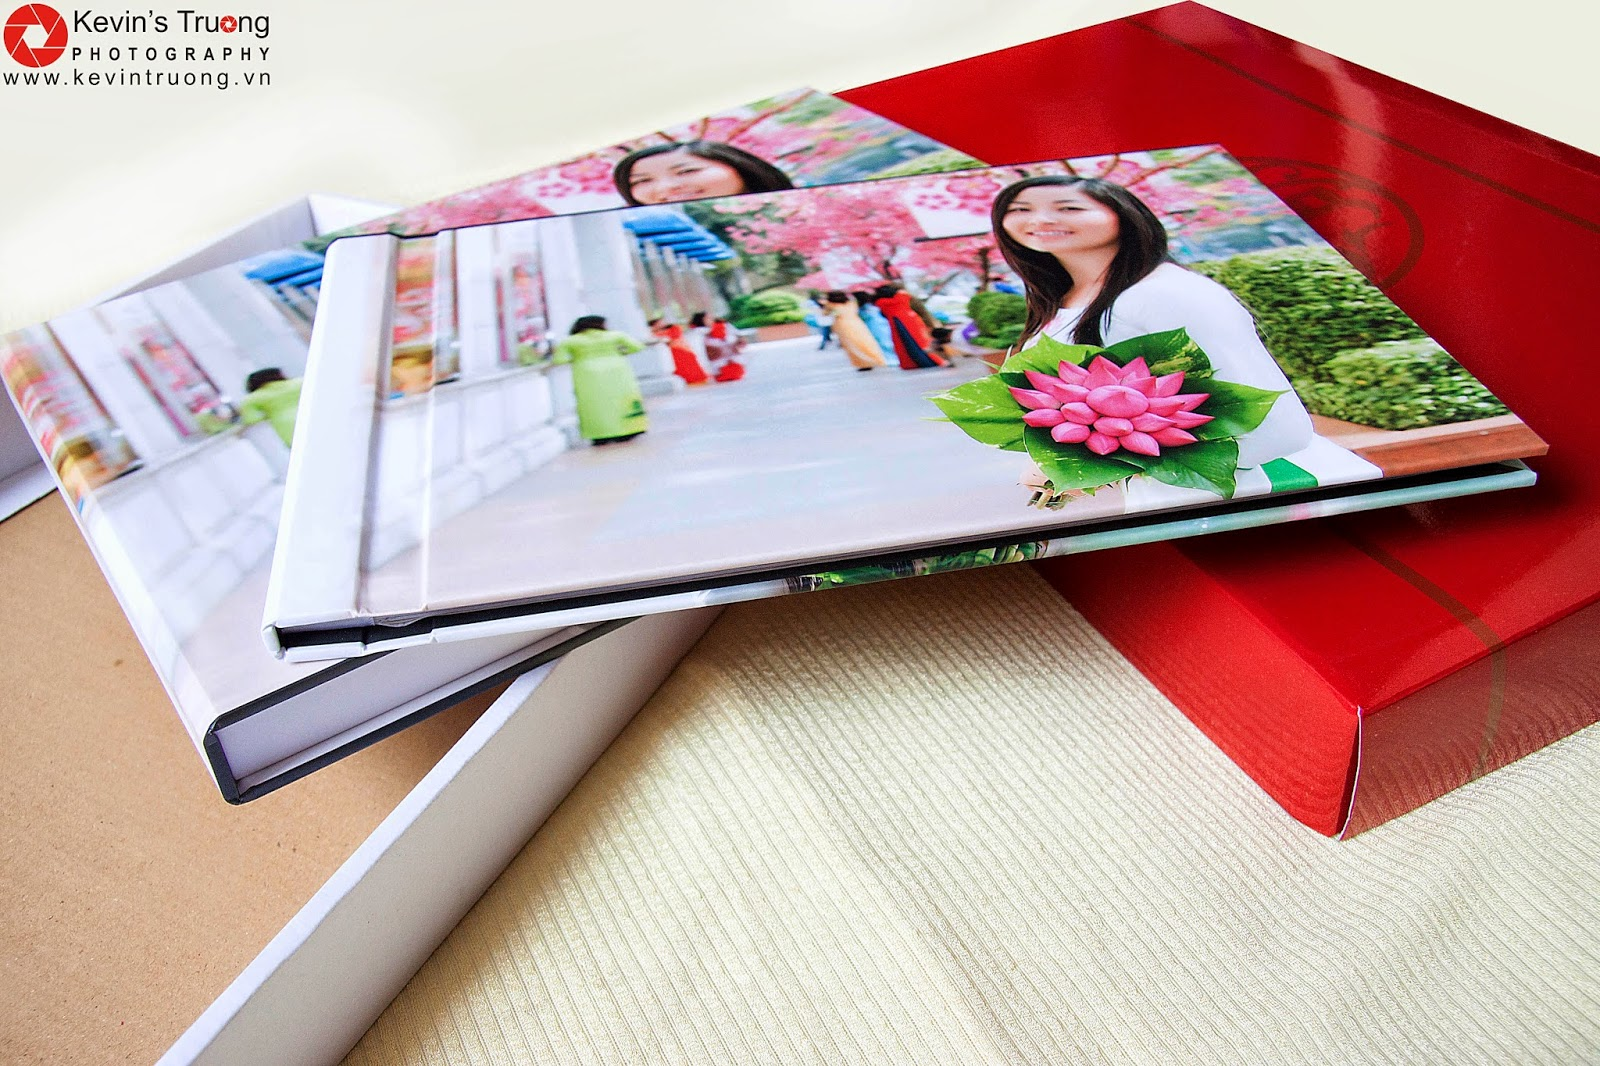 Gia Công-In Album Cát Kim Tuyến-Album 3D,Photobook,Ép gỗ các loại - 32